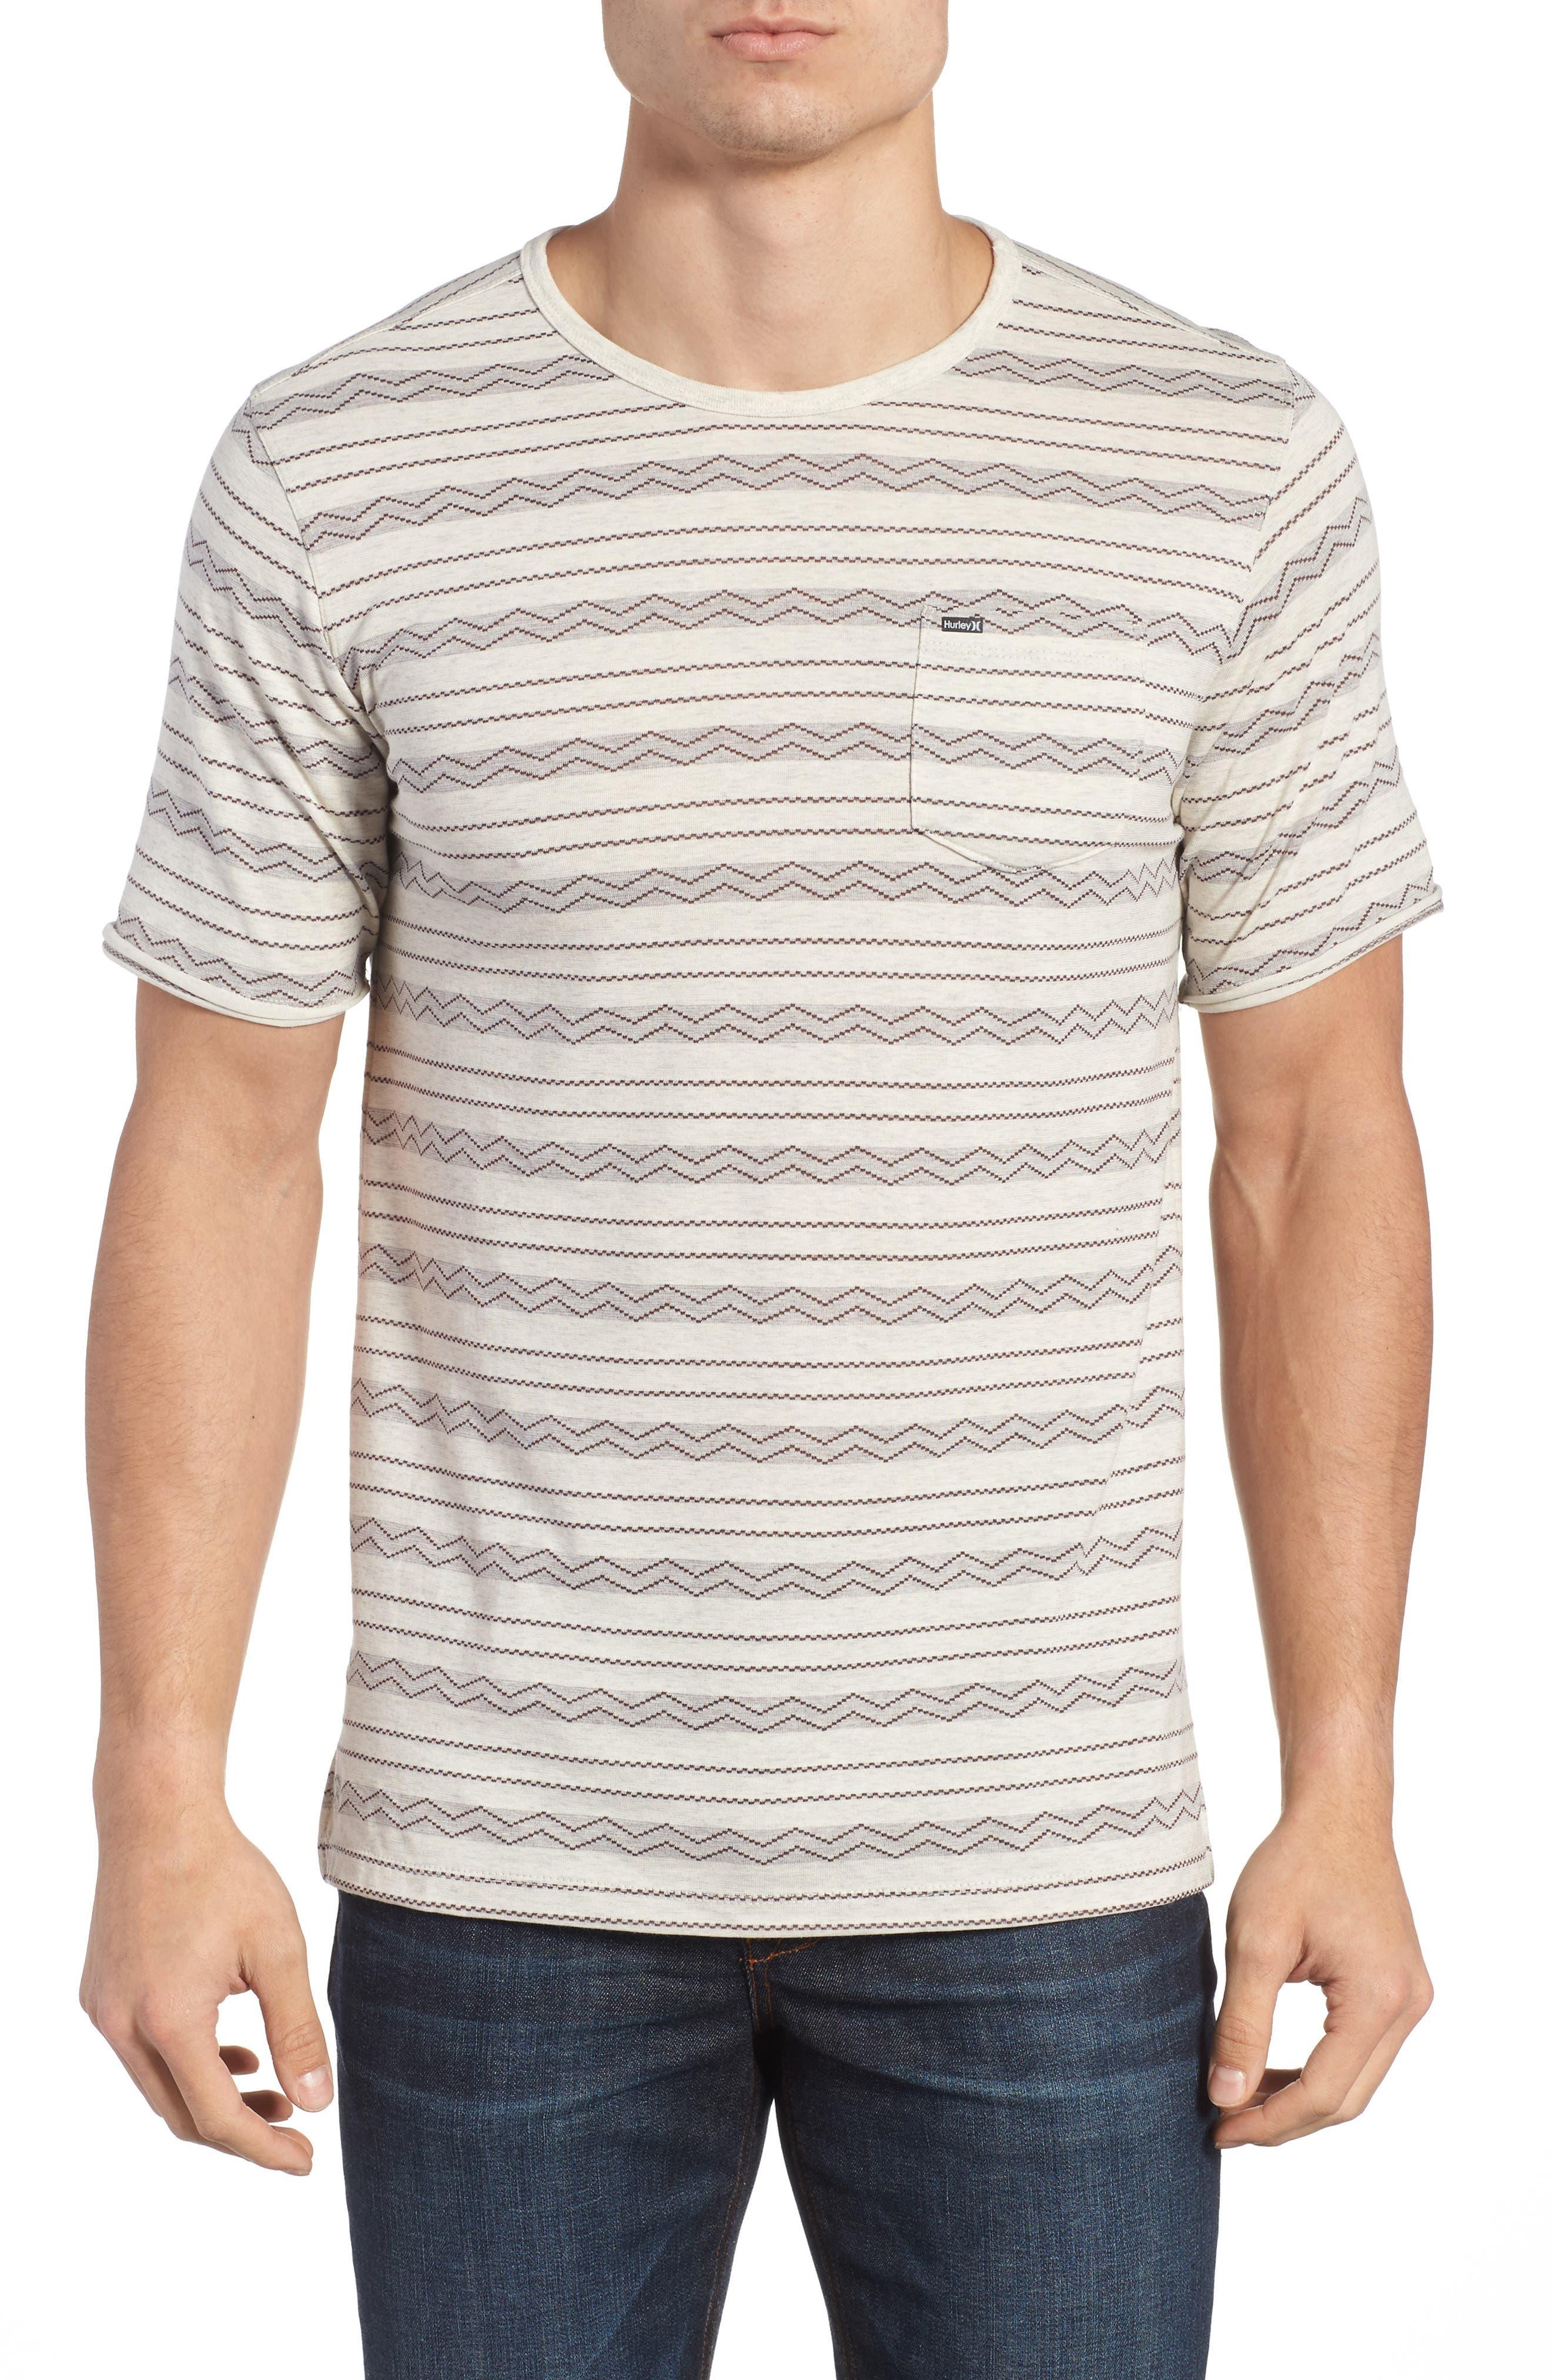 Main Image - Hurley Pismo Dri-FIT T-Shirt